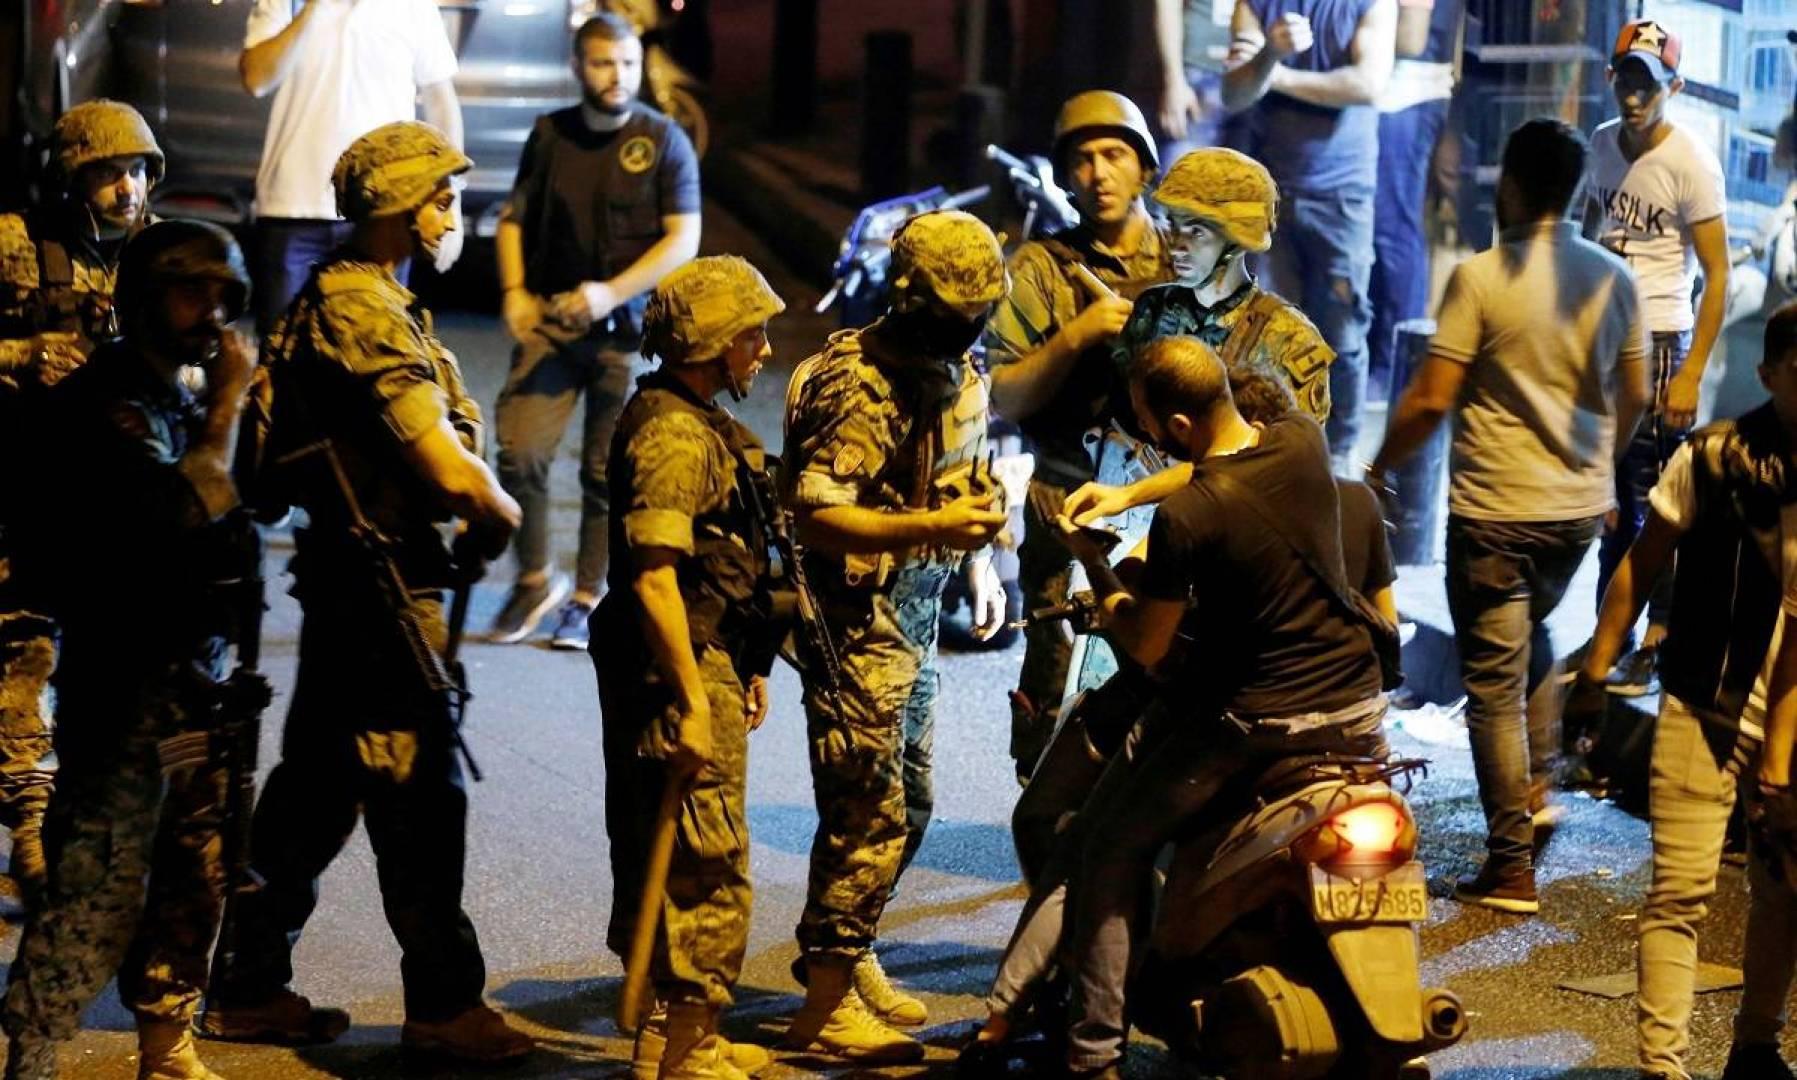 الجيش اللبناني دفع بقوات خاصة فور علمه بتظاهرة أنصار «حزب الله» و «حركة أمل»